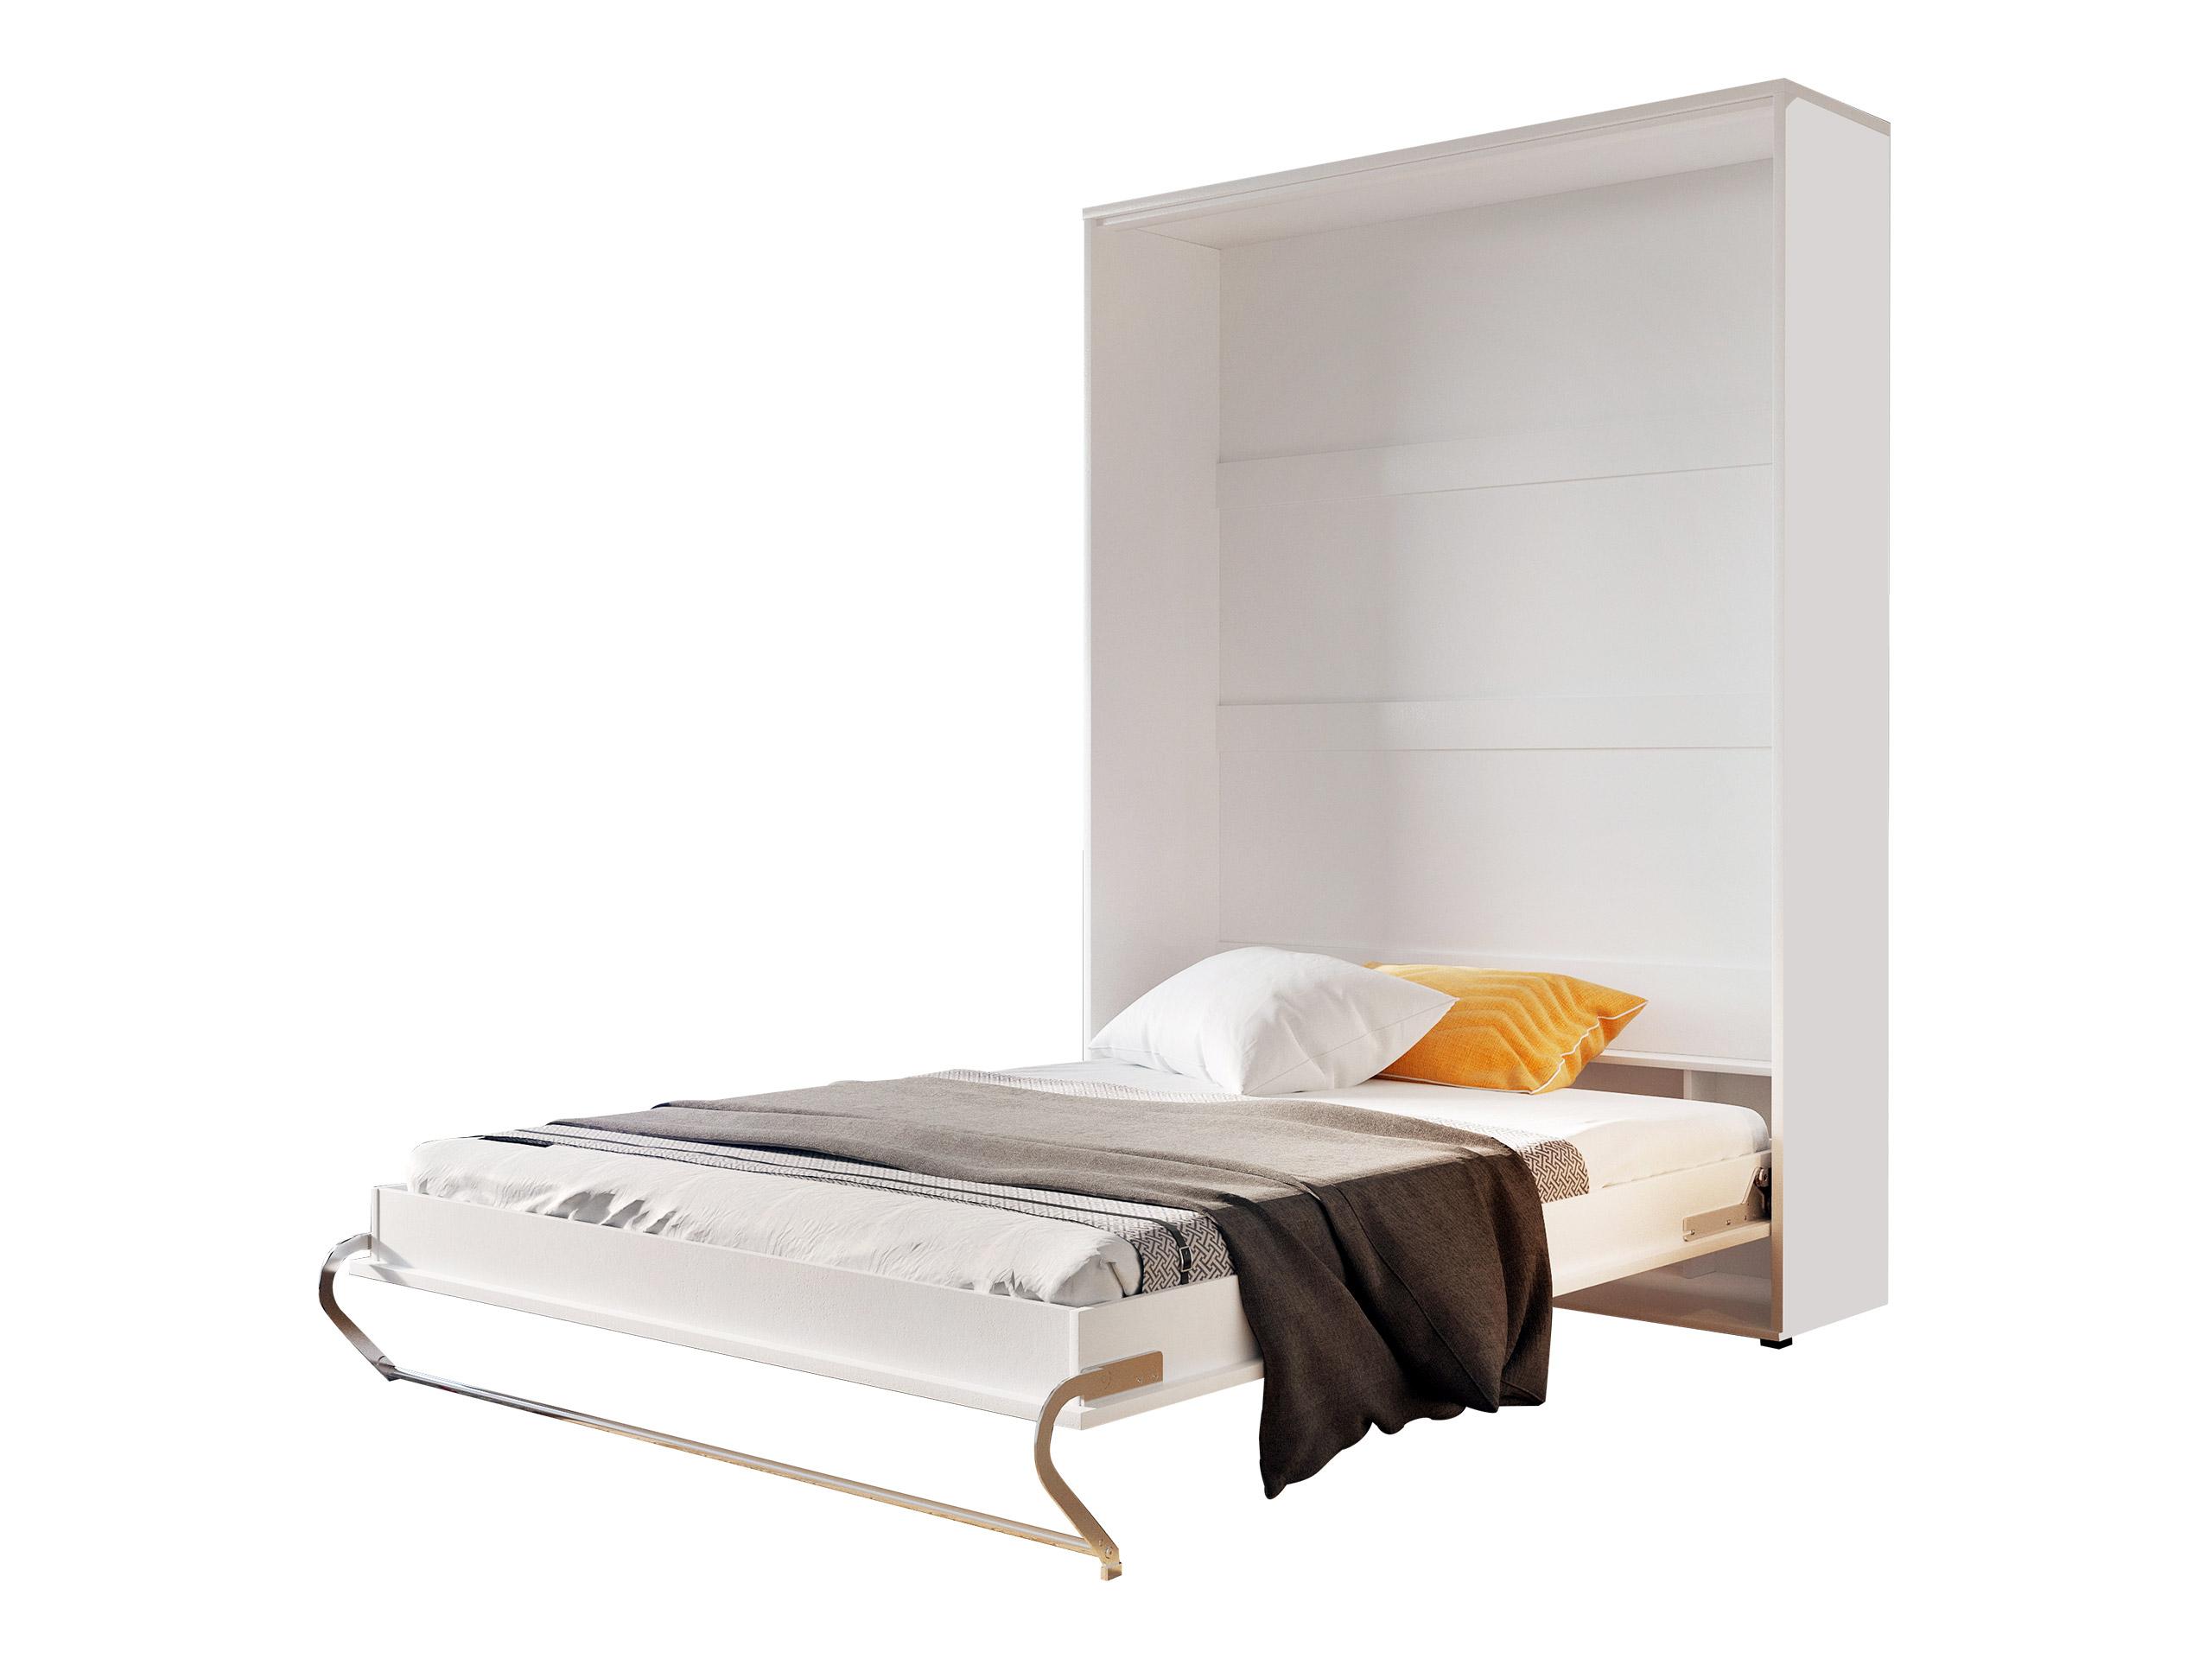 łóżko Chowane Concept Pro 03 W Szafie Półkotapczan